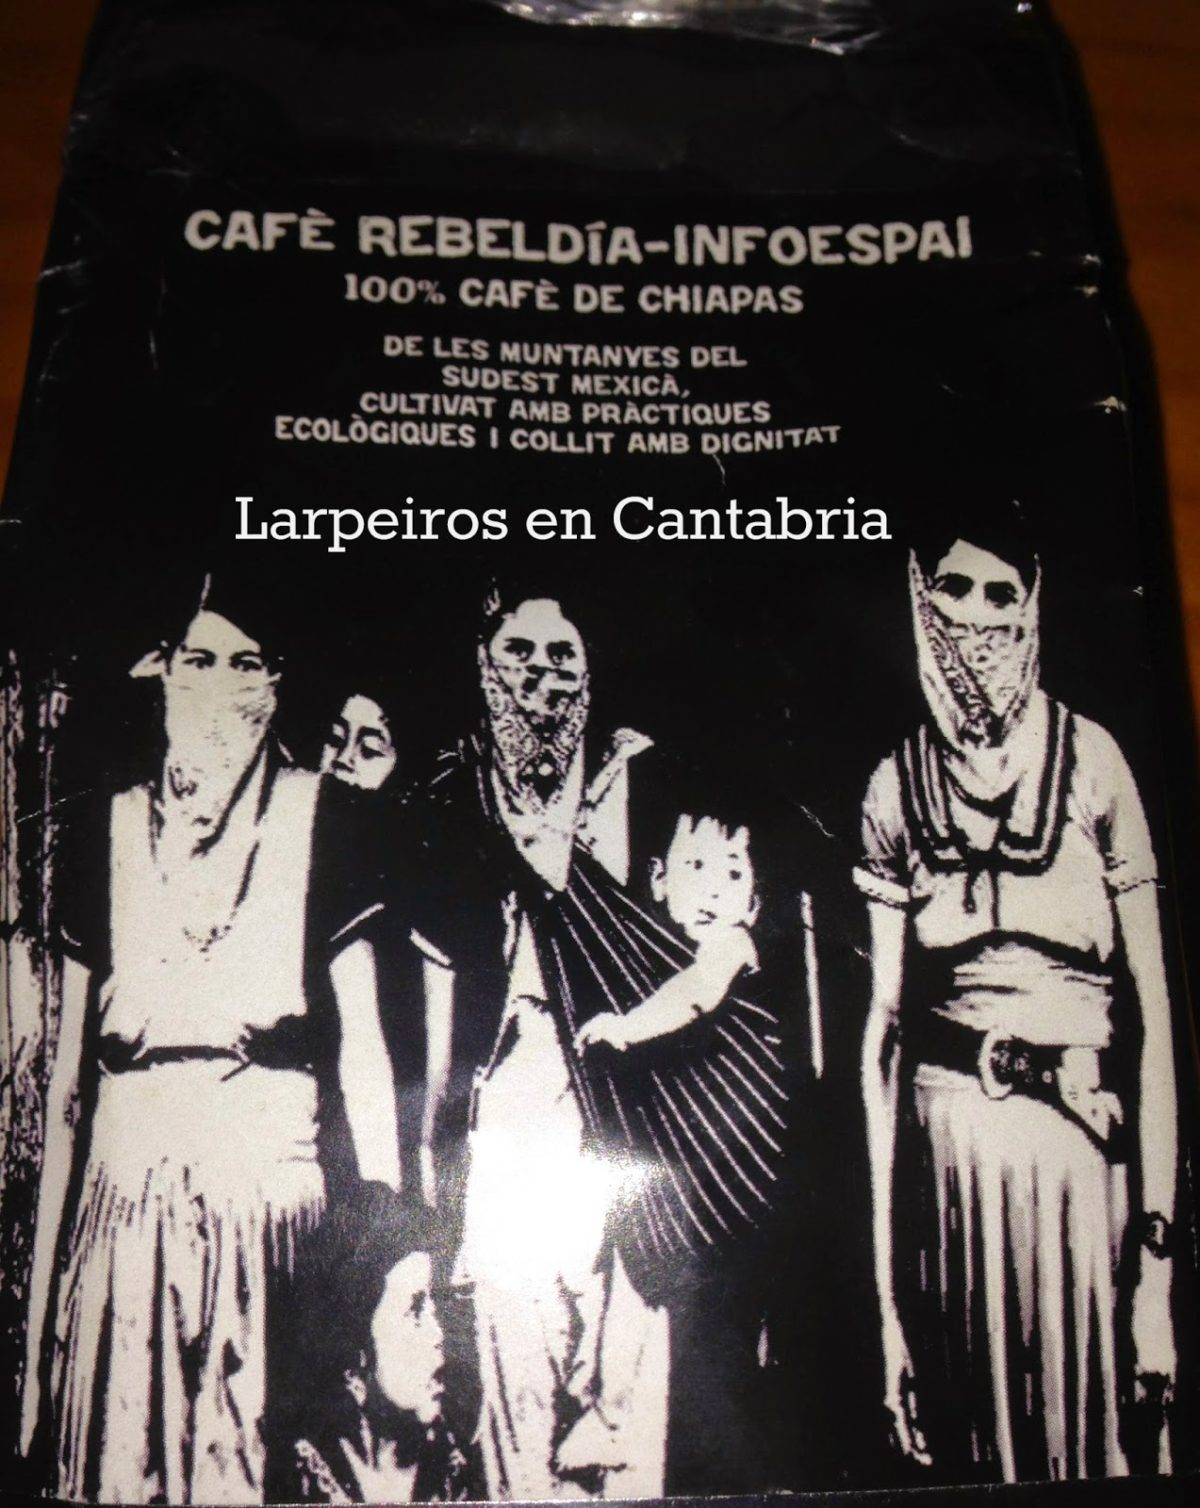 Café Rebeldía: 100% Café de Chiapas